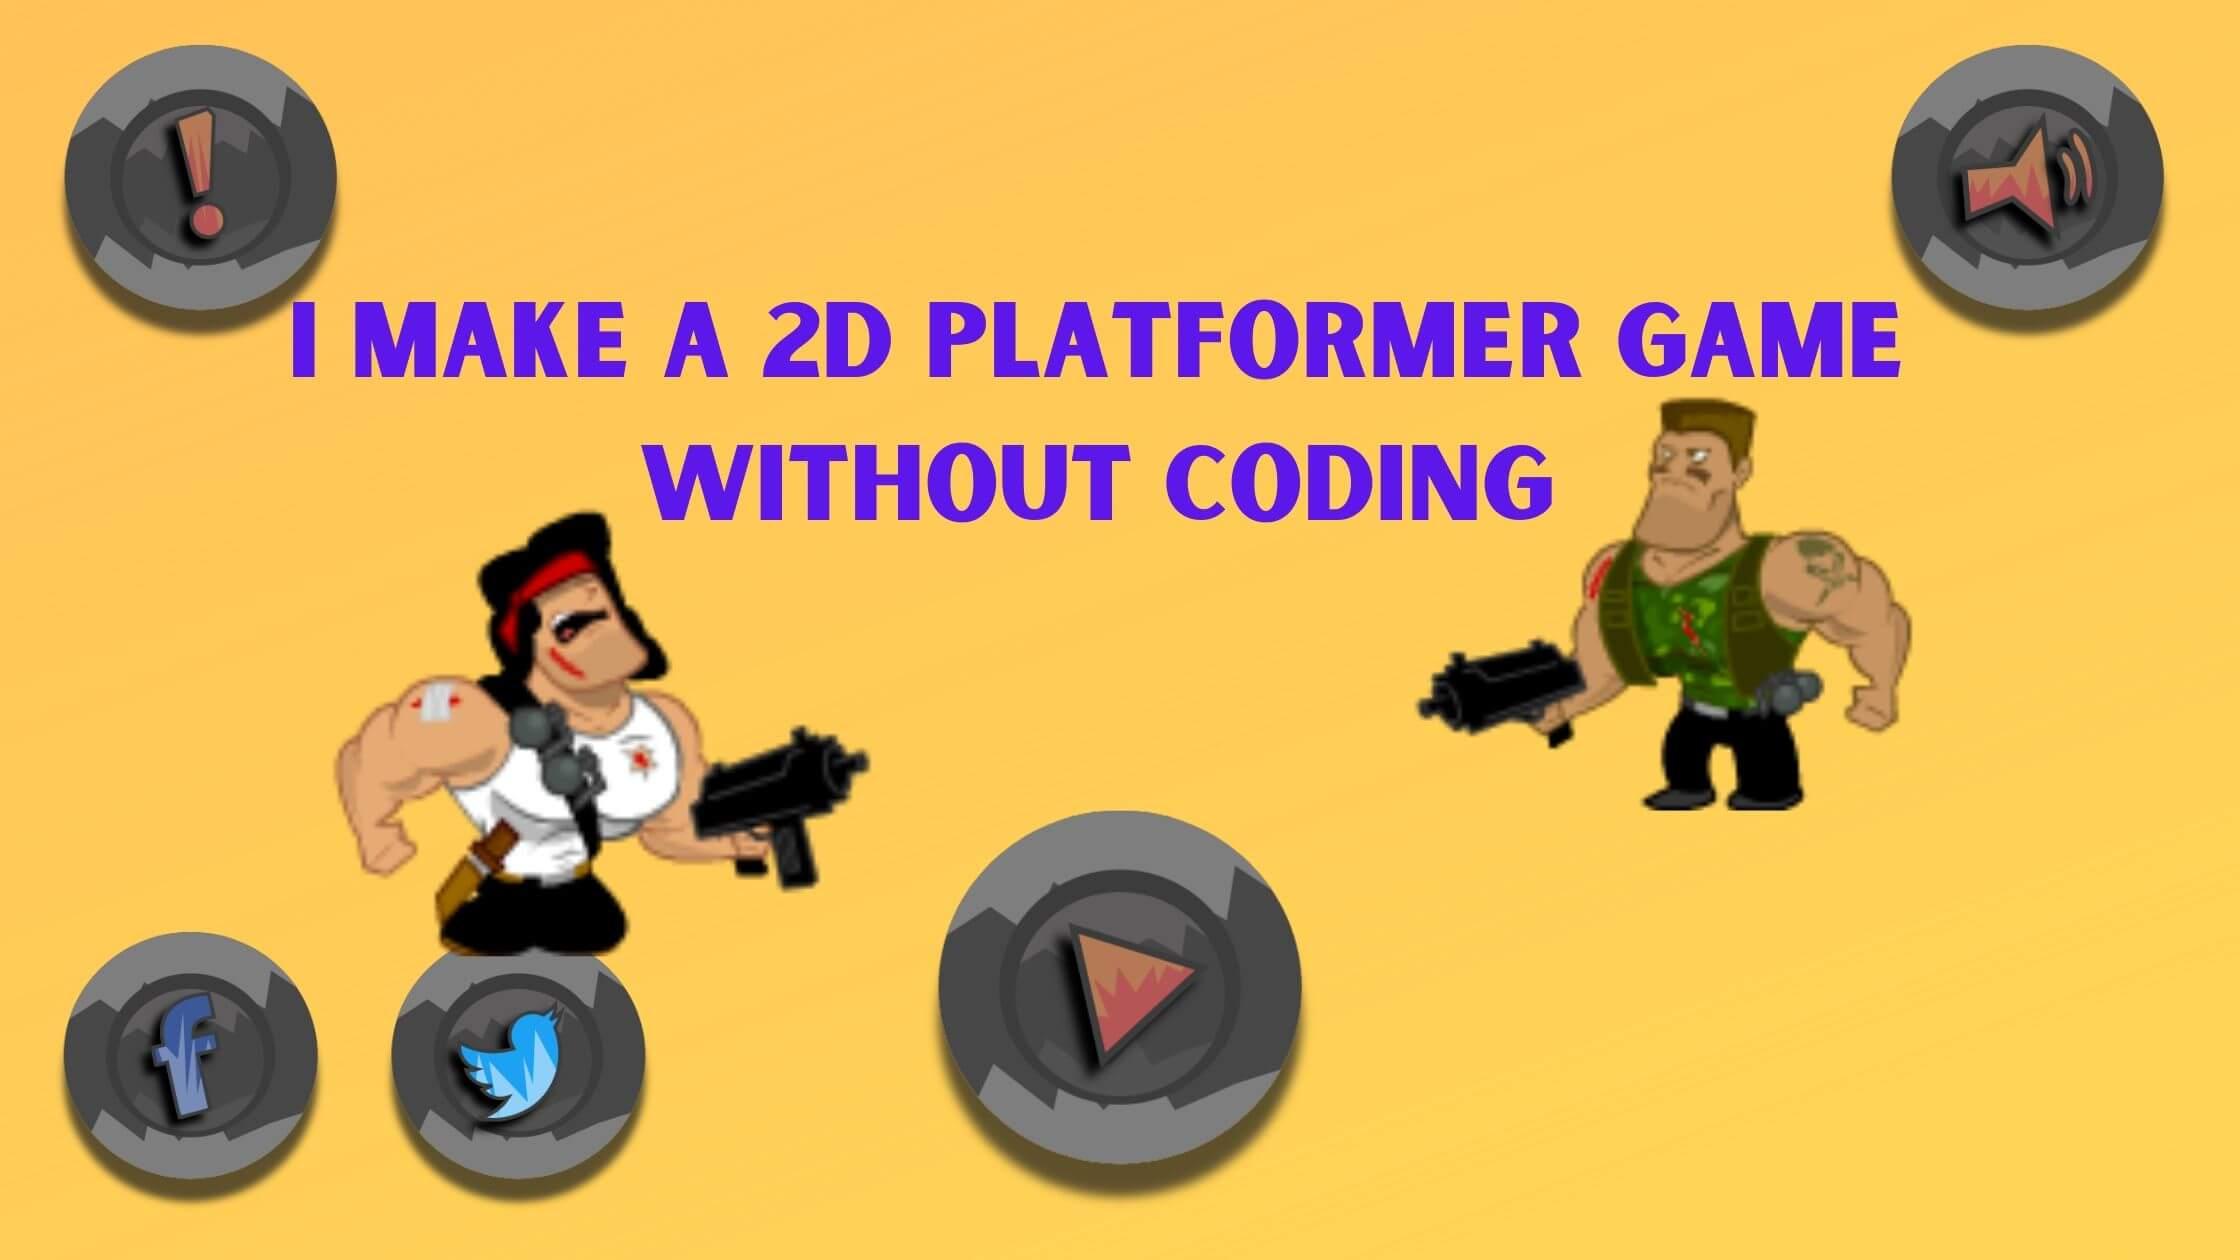 I make a 2D Platformer Game without coding